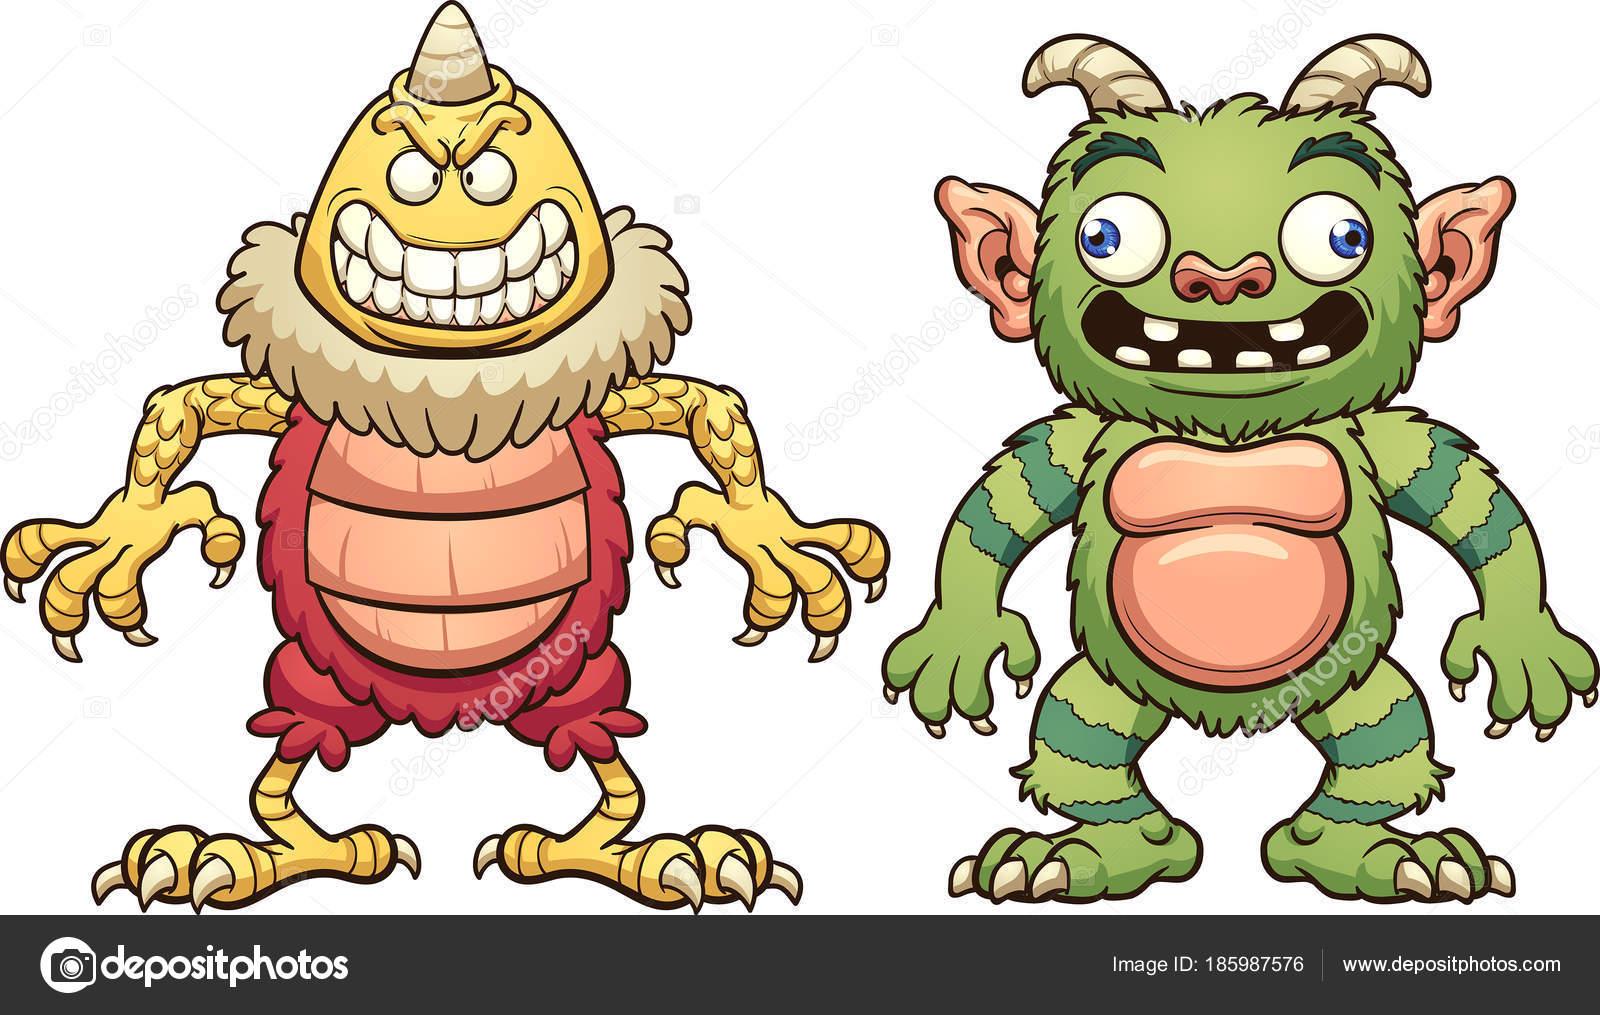 dibujos animados de monstruos con partes del cuerpo intercambiables